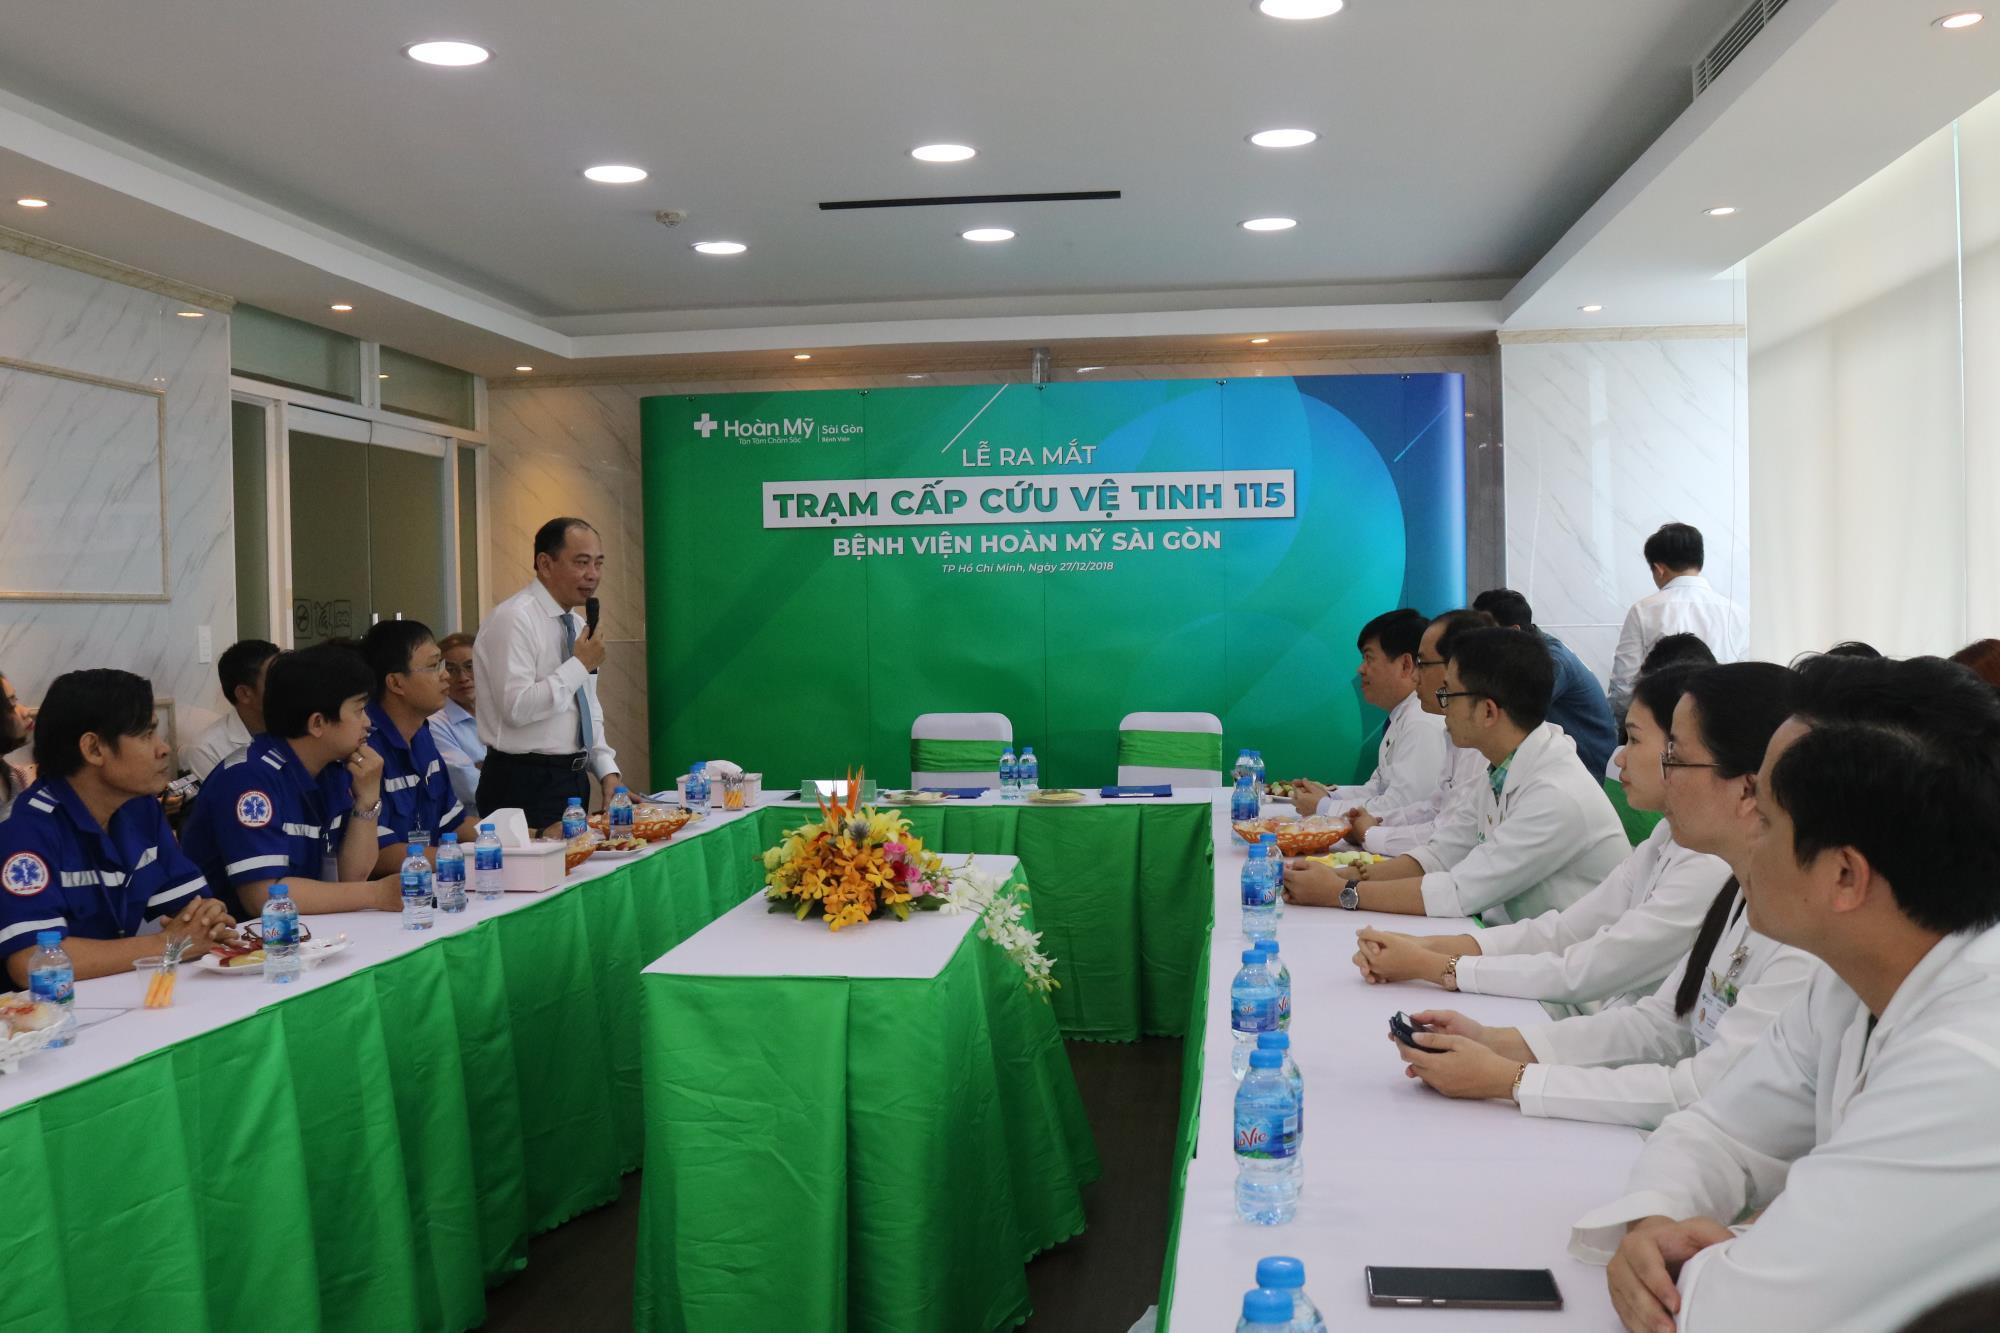 Phó giáo sư Tăng Chí Thượng, Phó Giám đốc Sở Y tế TP HCM đánh giá cao sự tham gia của Bệnh viện Hoàn Mỹ Sài Gòn vào mạng lưới cấp cứu thành phố